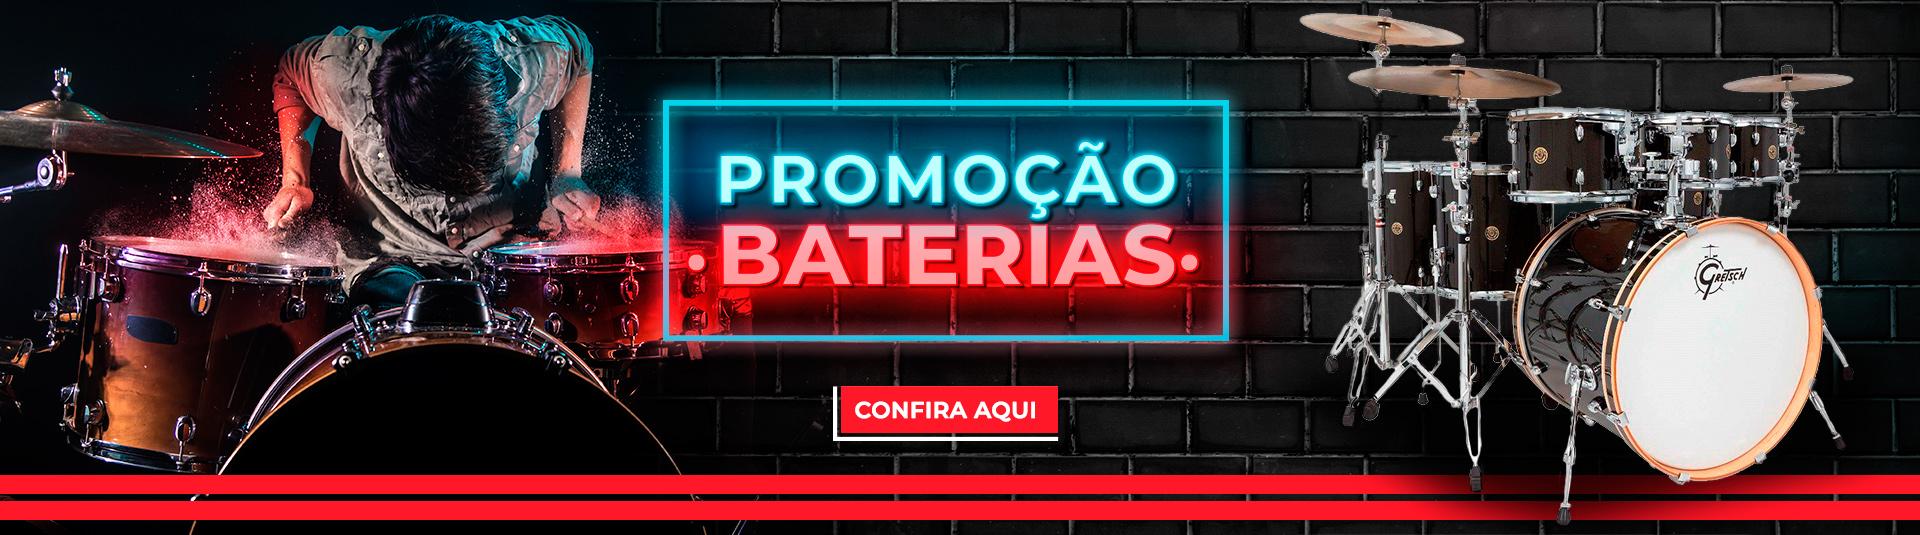 Promoção de Baterias